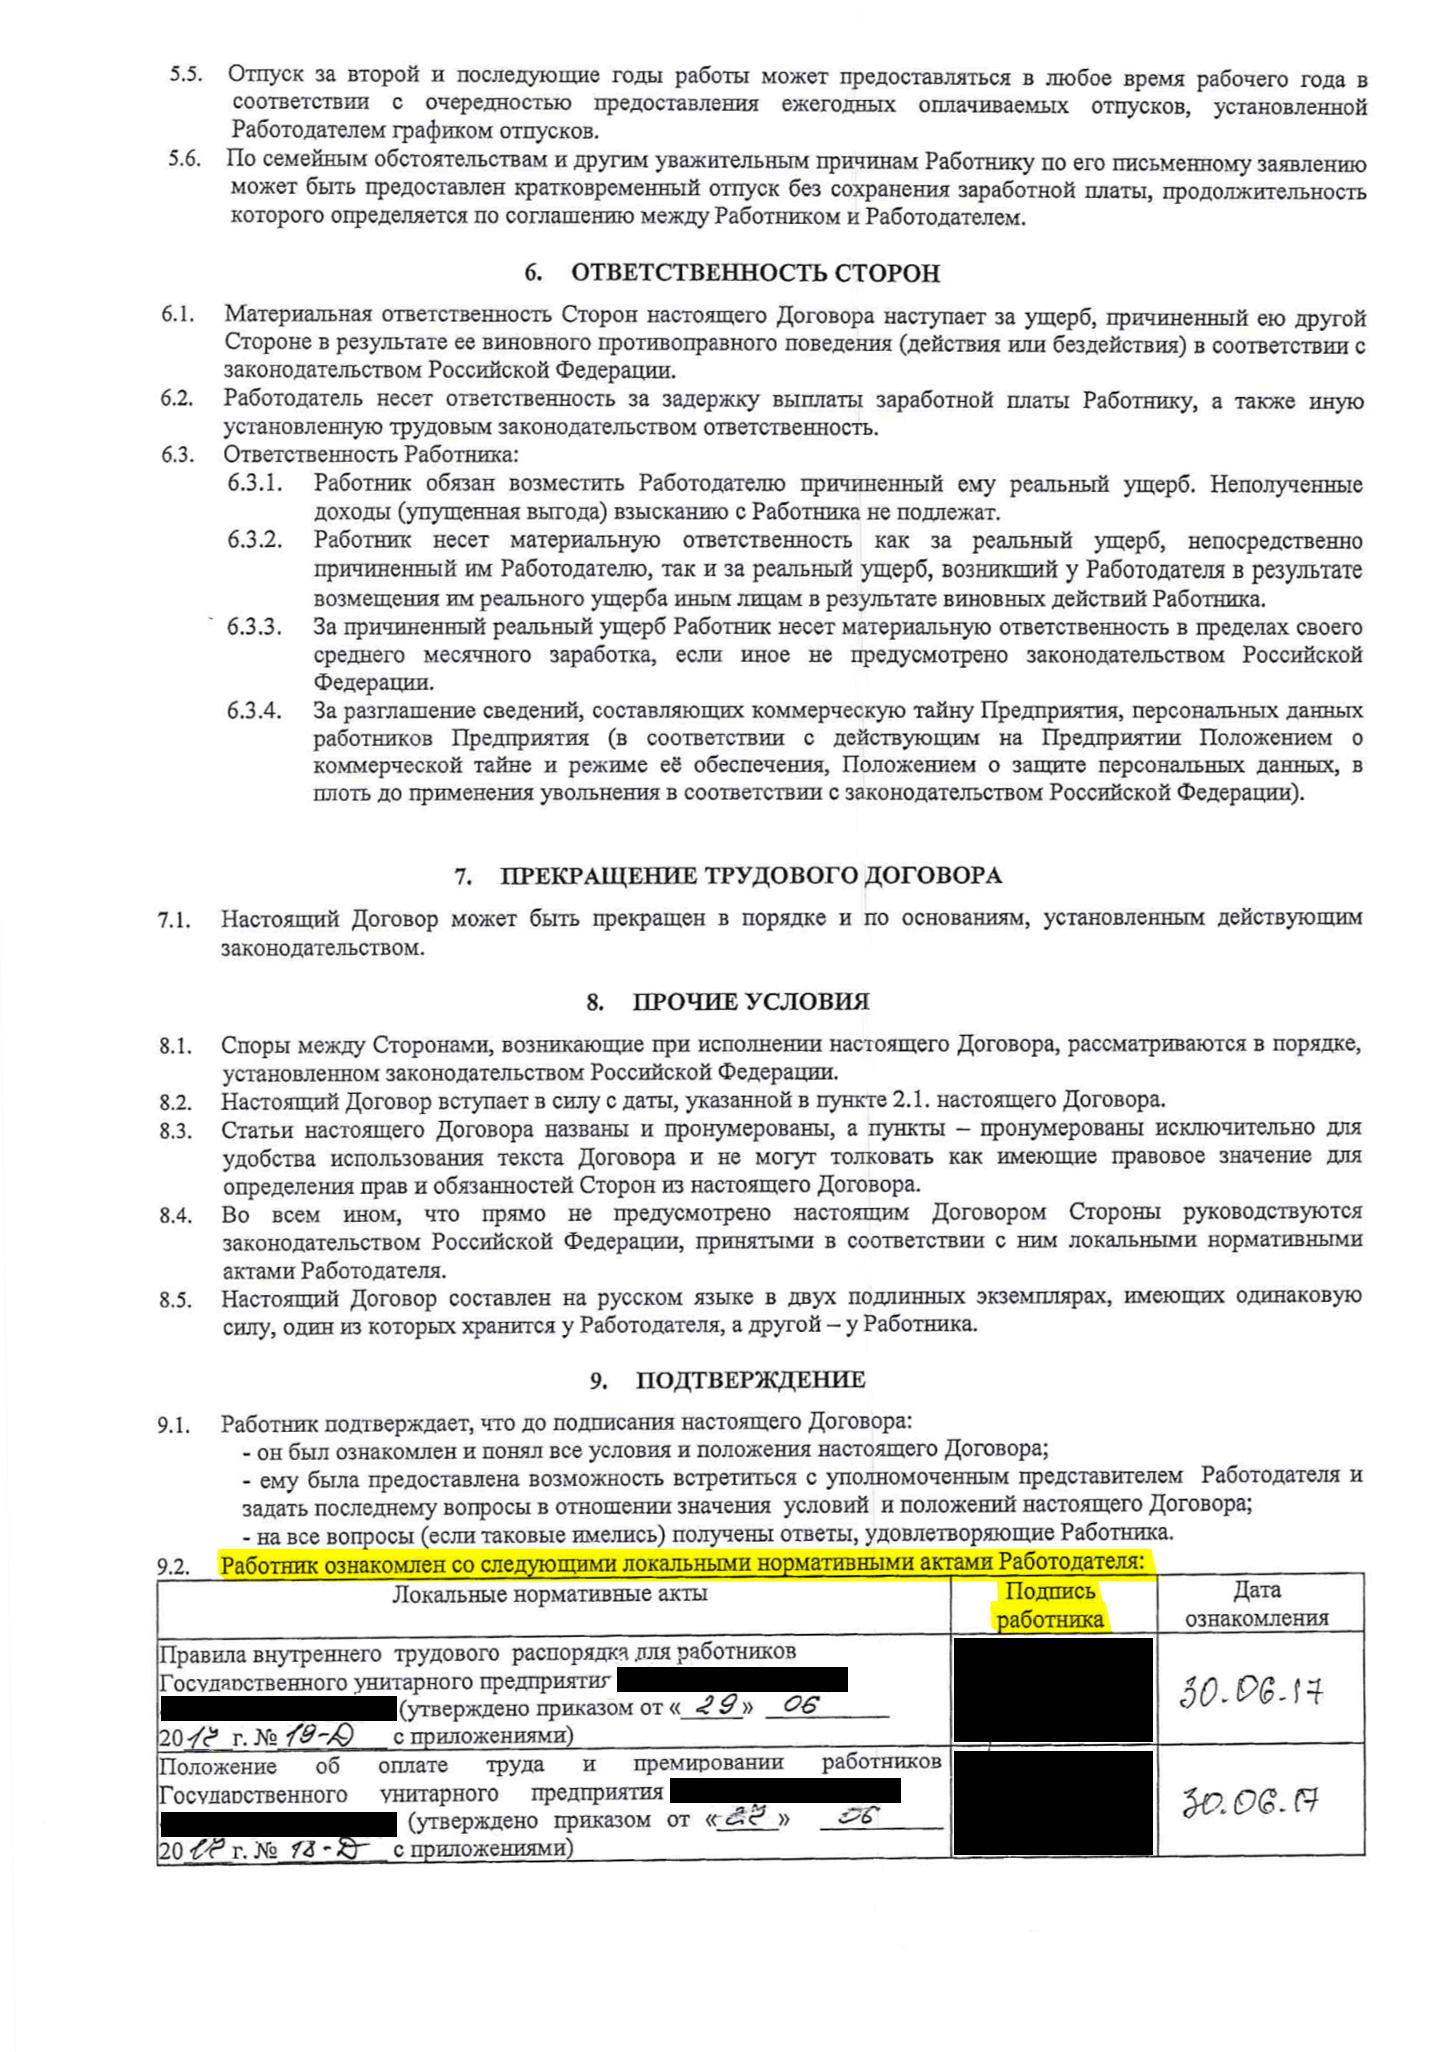 Как получить разрешение на оружие в екатеринбурге